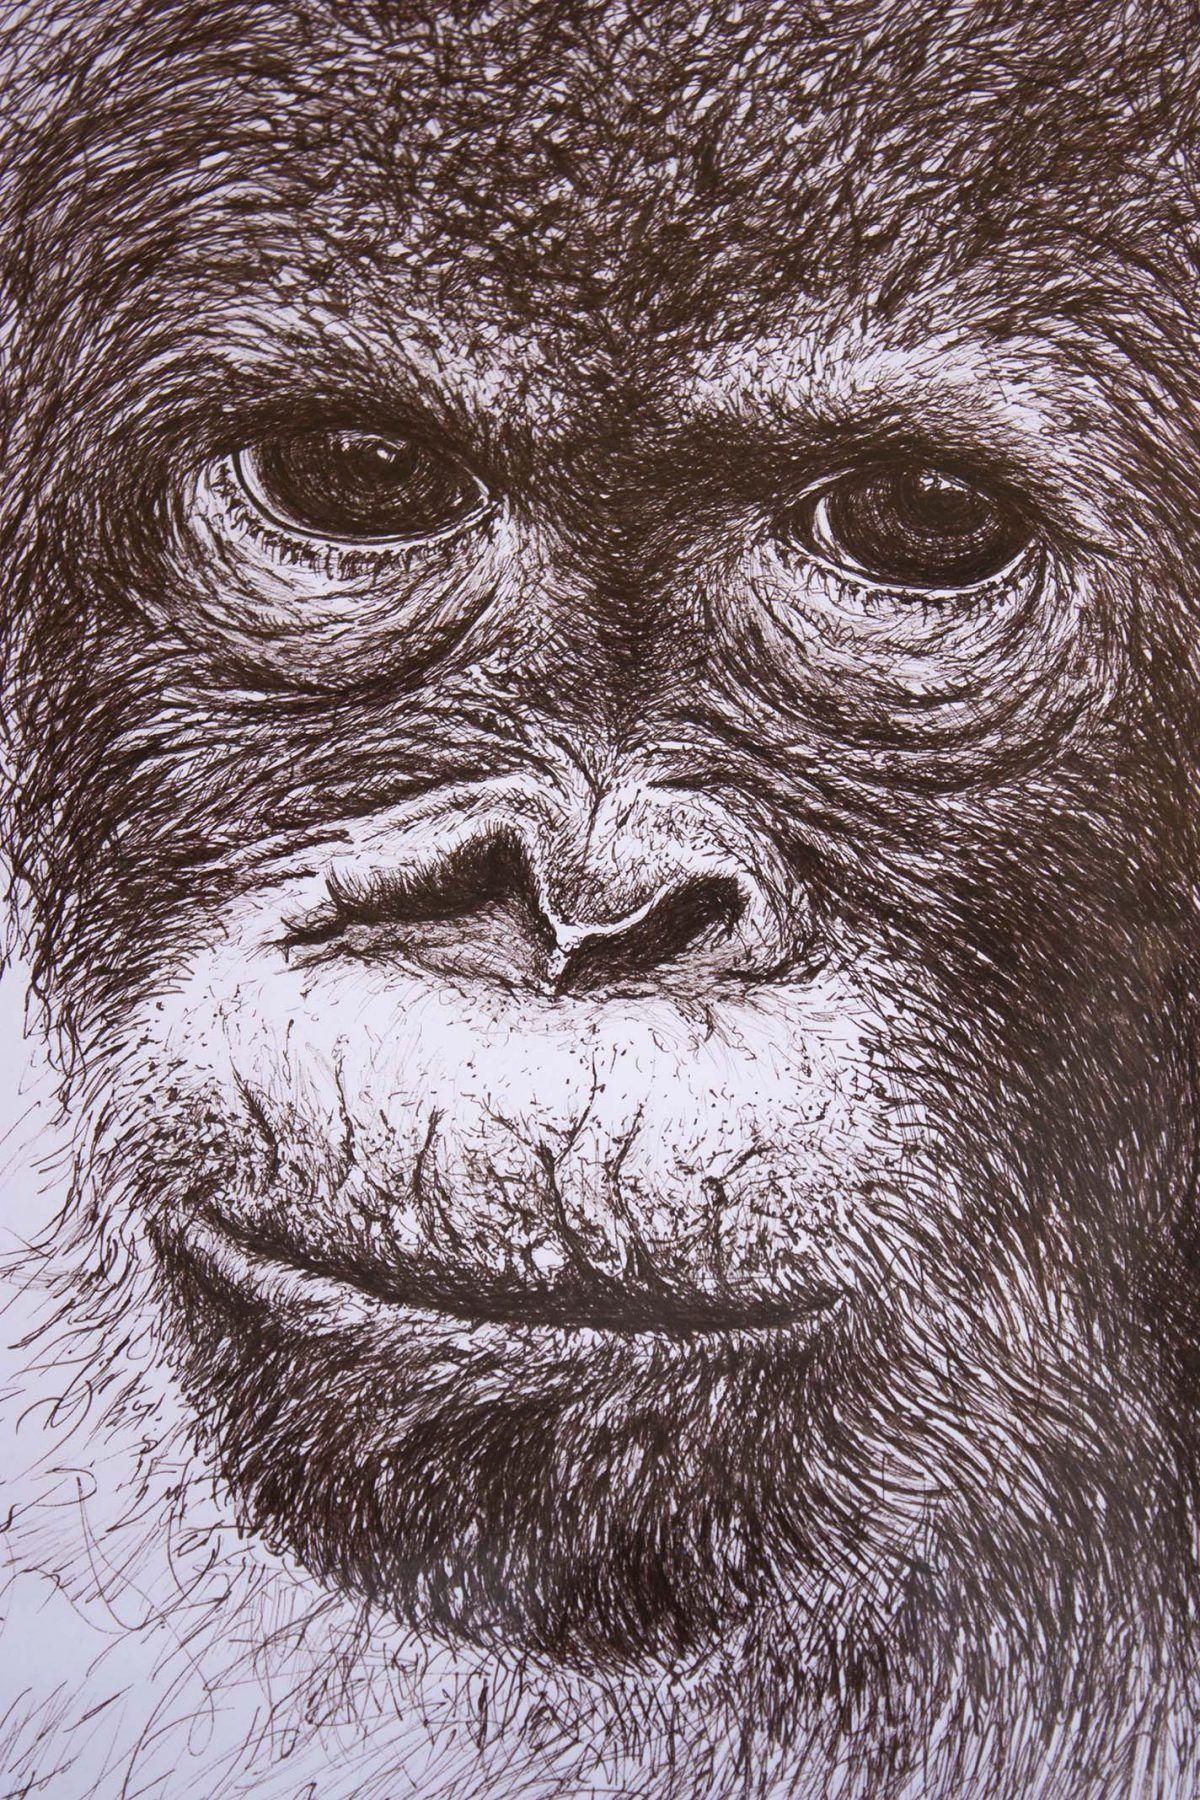 dibujo Orangután ilustracion boligrafo-sirem wild